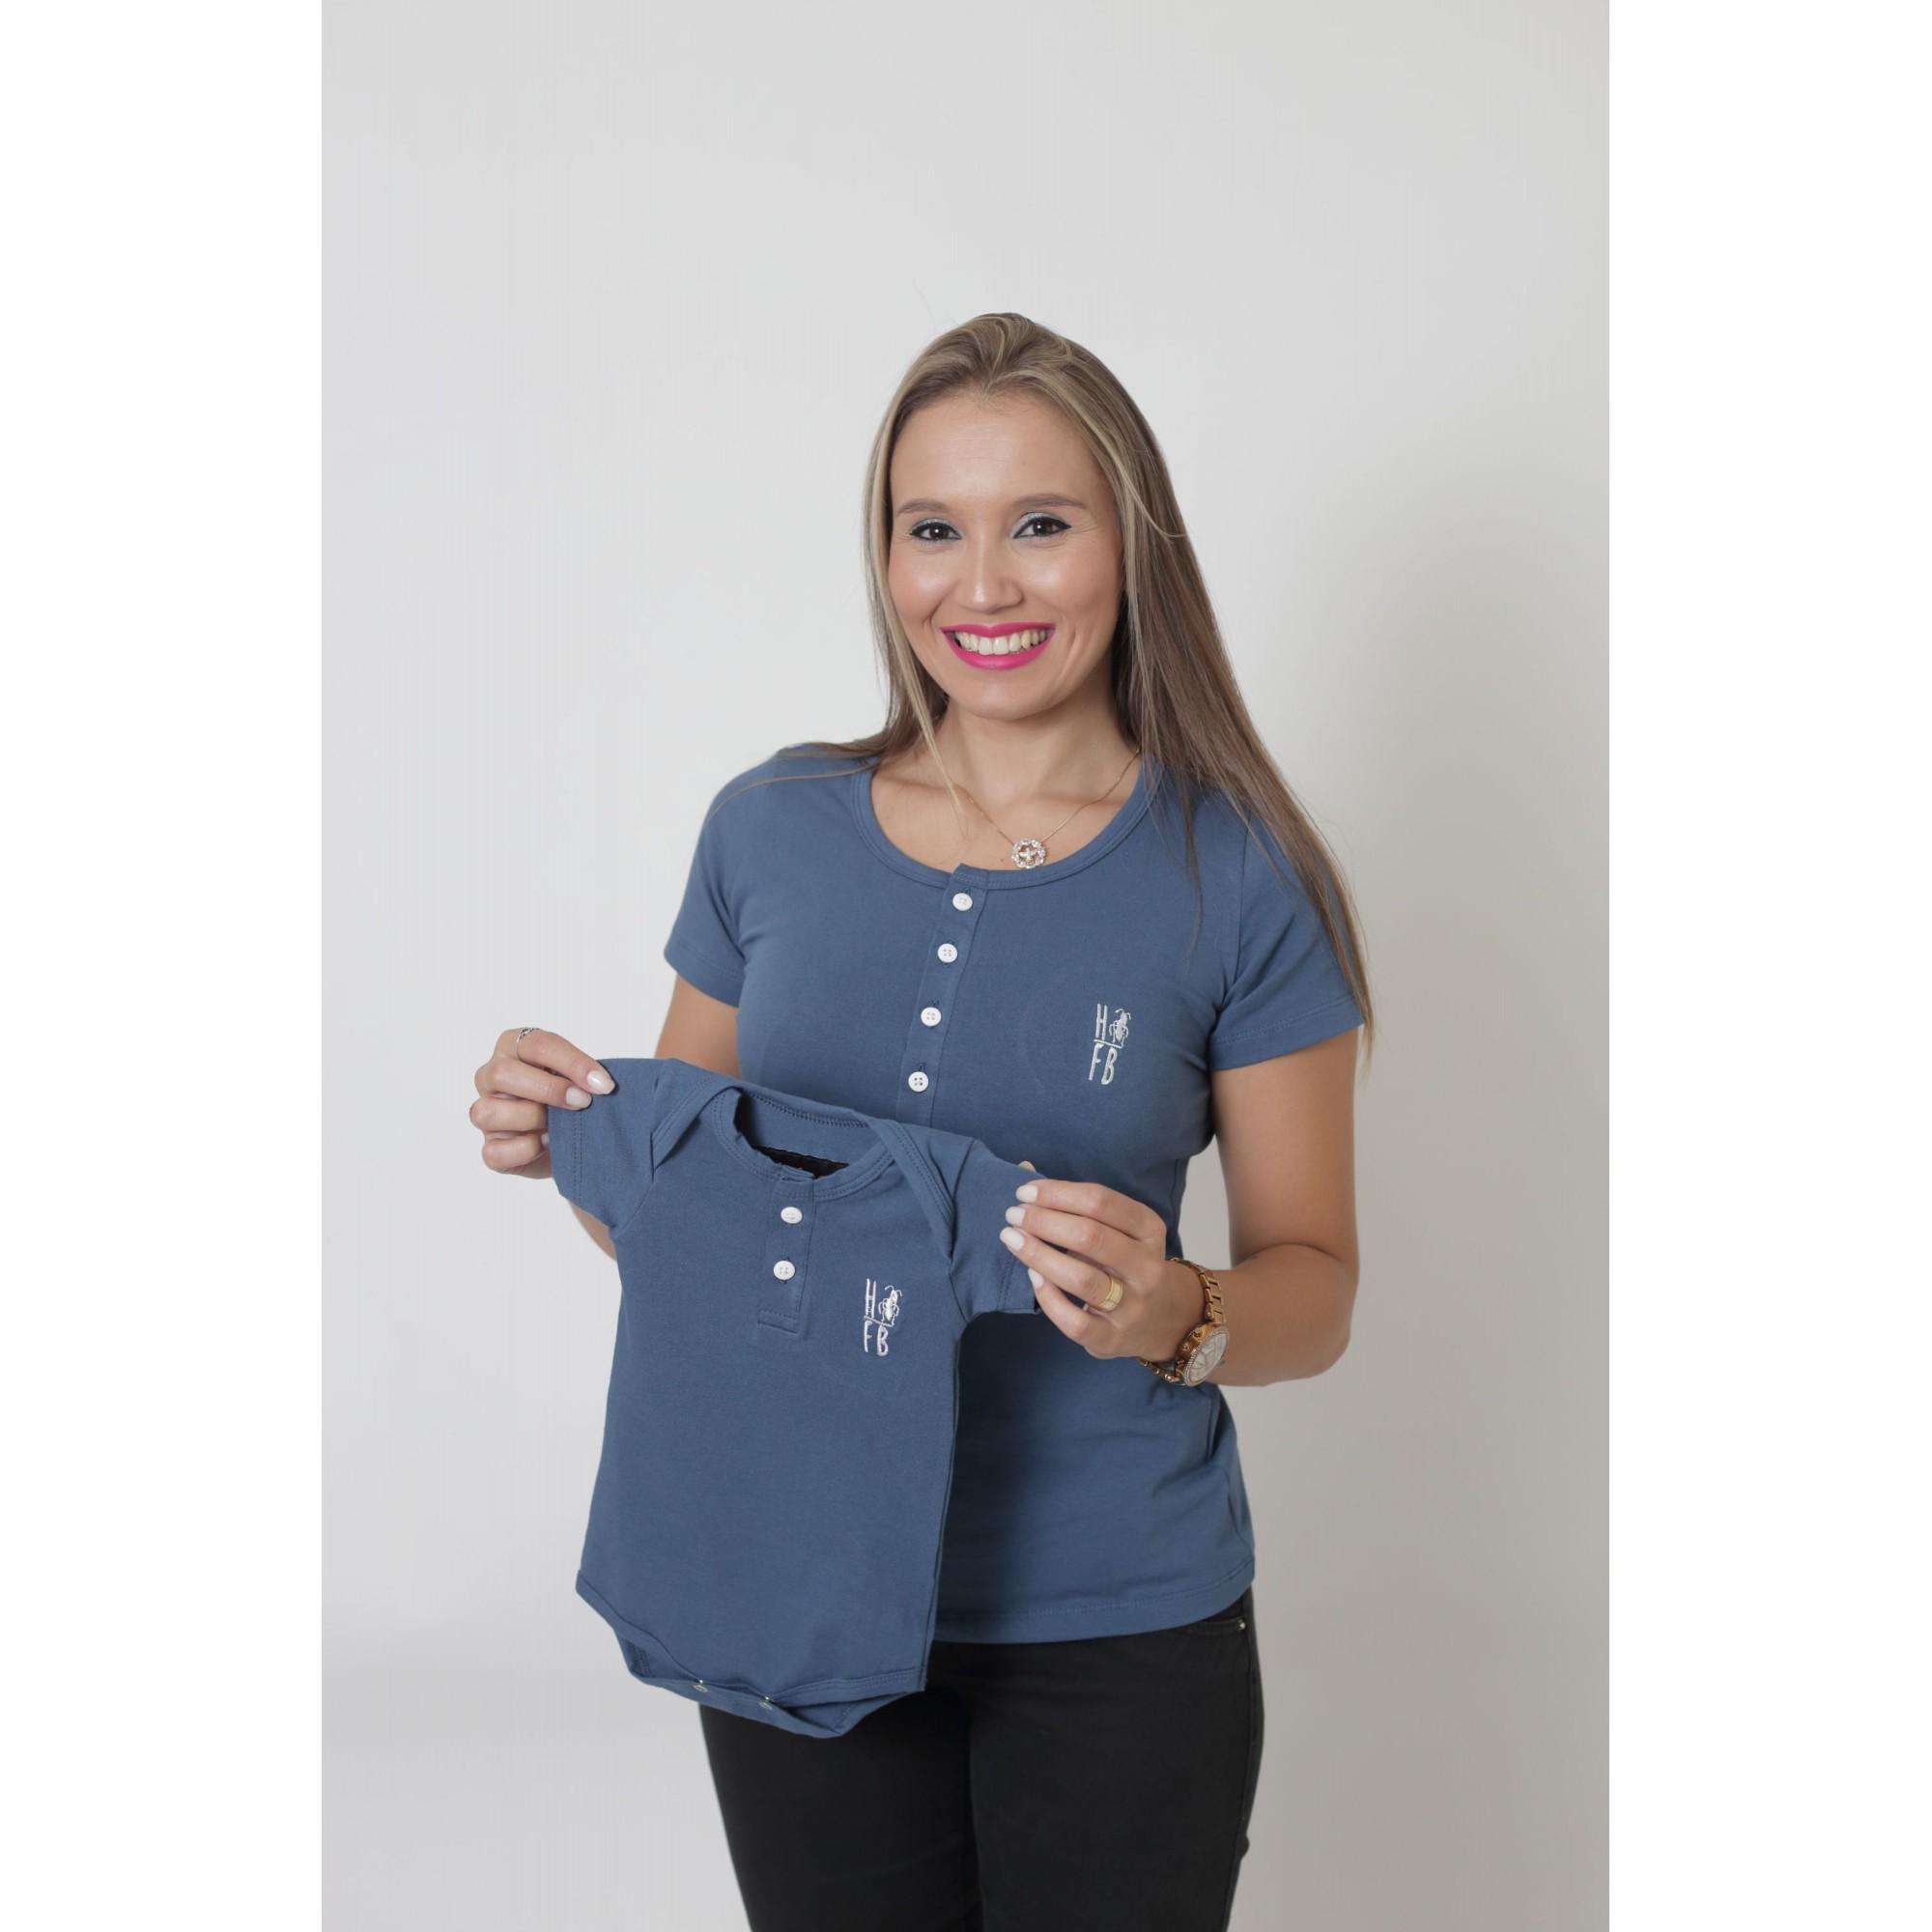 MÃE E FILHOS > Kit 02 Peças - T-Shirt + Body Henley Unissex - Azul Petróleo [Coleção Tal Mãe Tal Filhos]